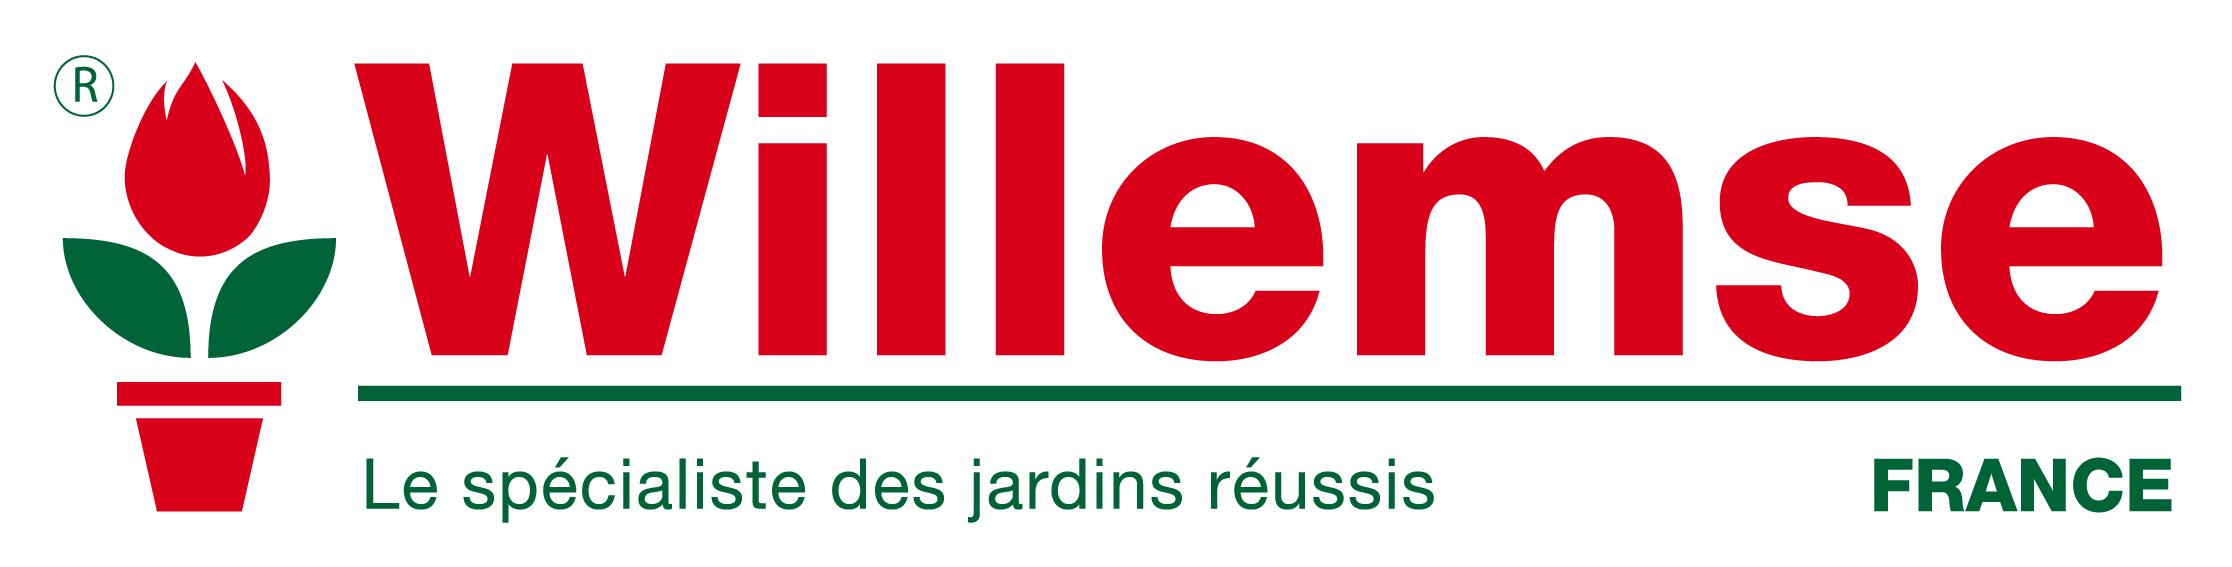 330 plantes offertes chez willemse (Frais de ports : 5.99€)